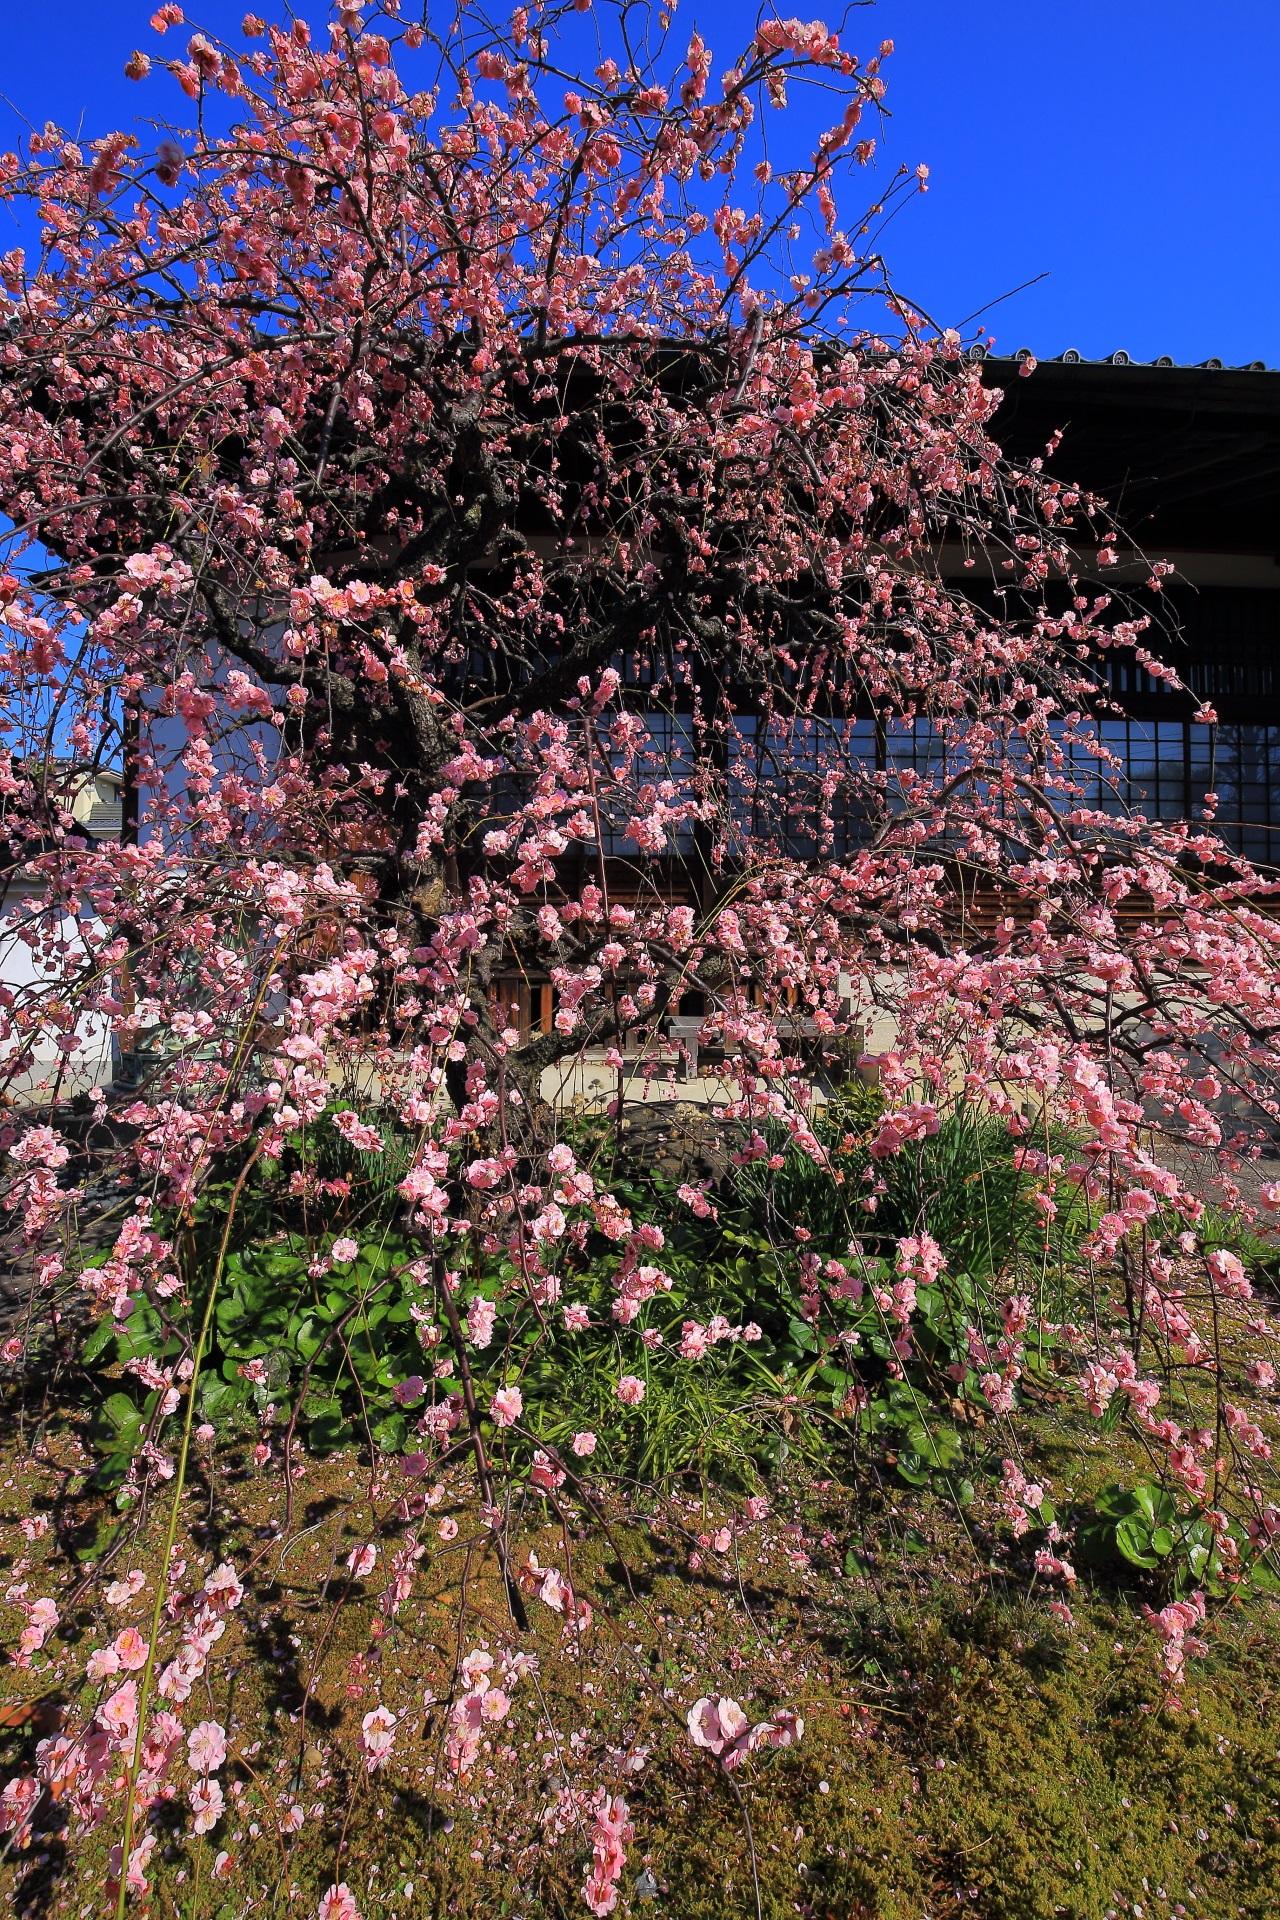 祐正寺のピンクのシャワーのような梅の花